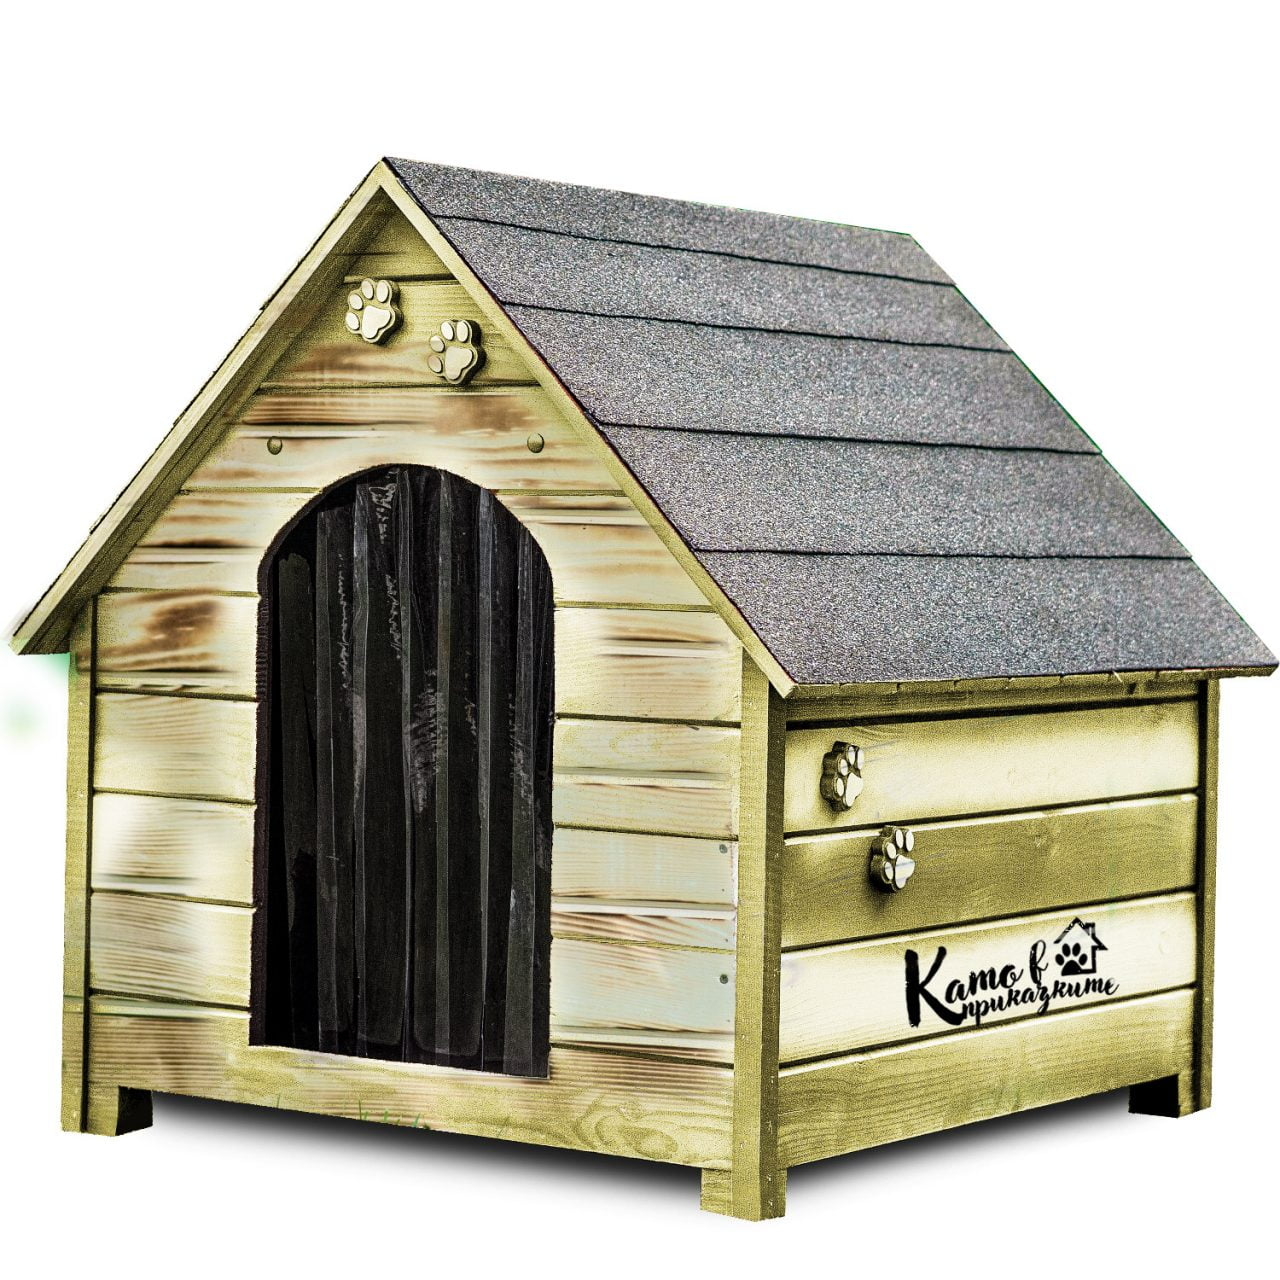 Къща за кучета - Ретро - Като в Приказките